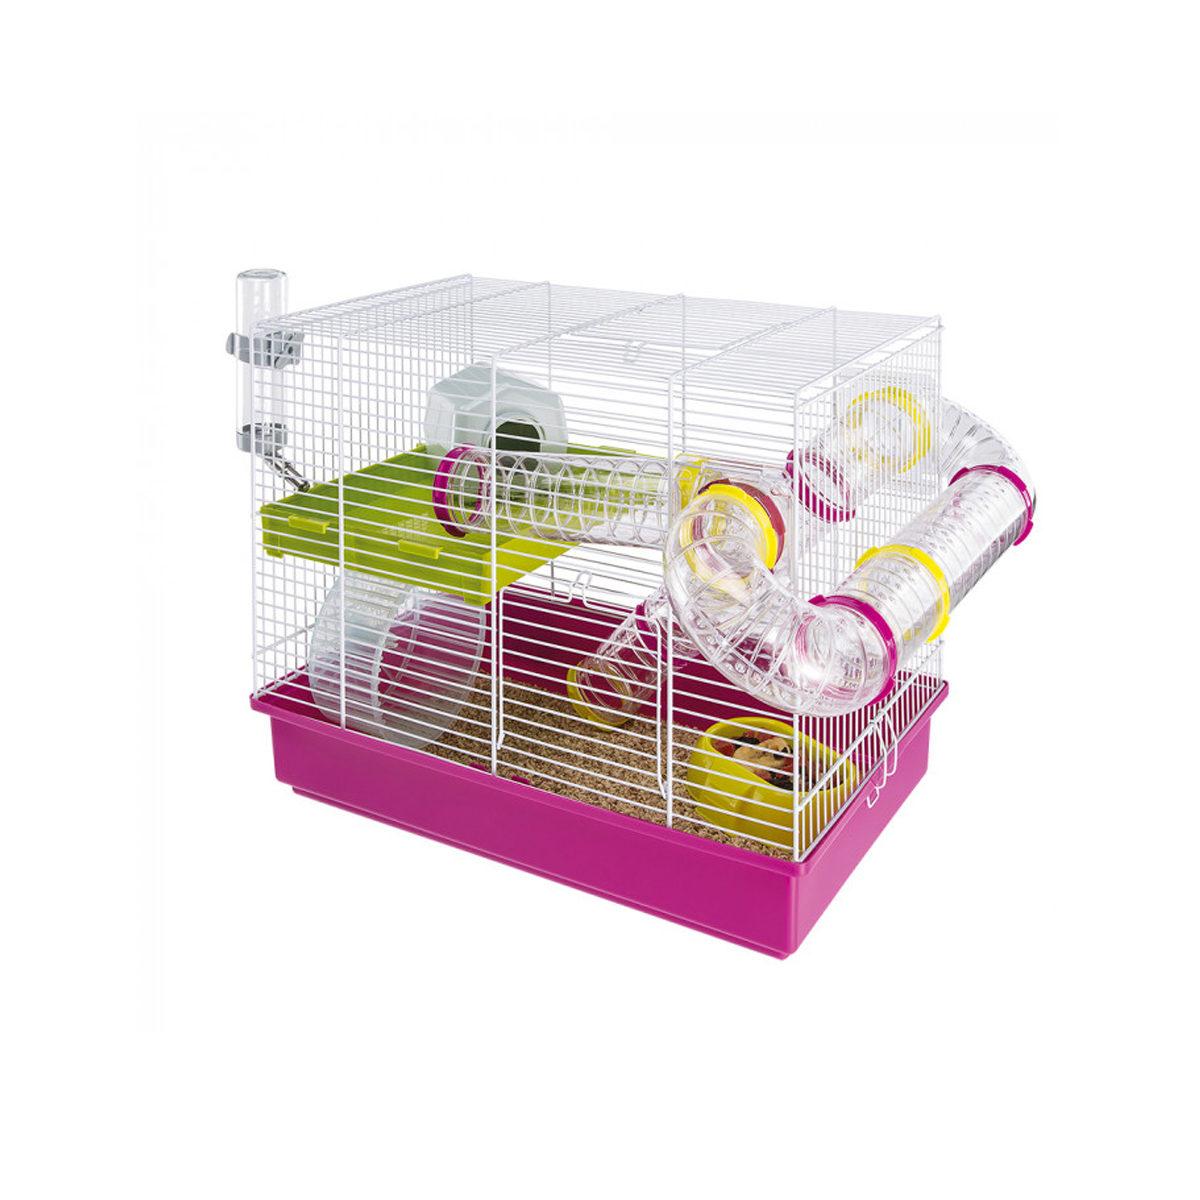 Ferplast Hamsterkooi Laura 46x29,5x37,5cm